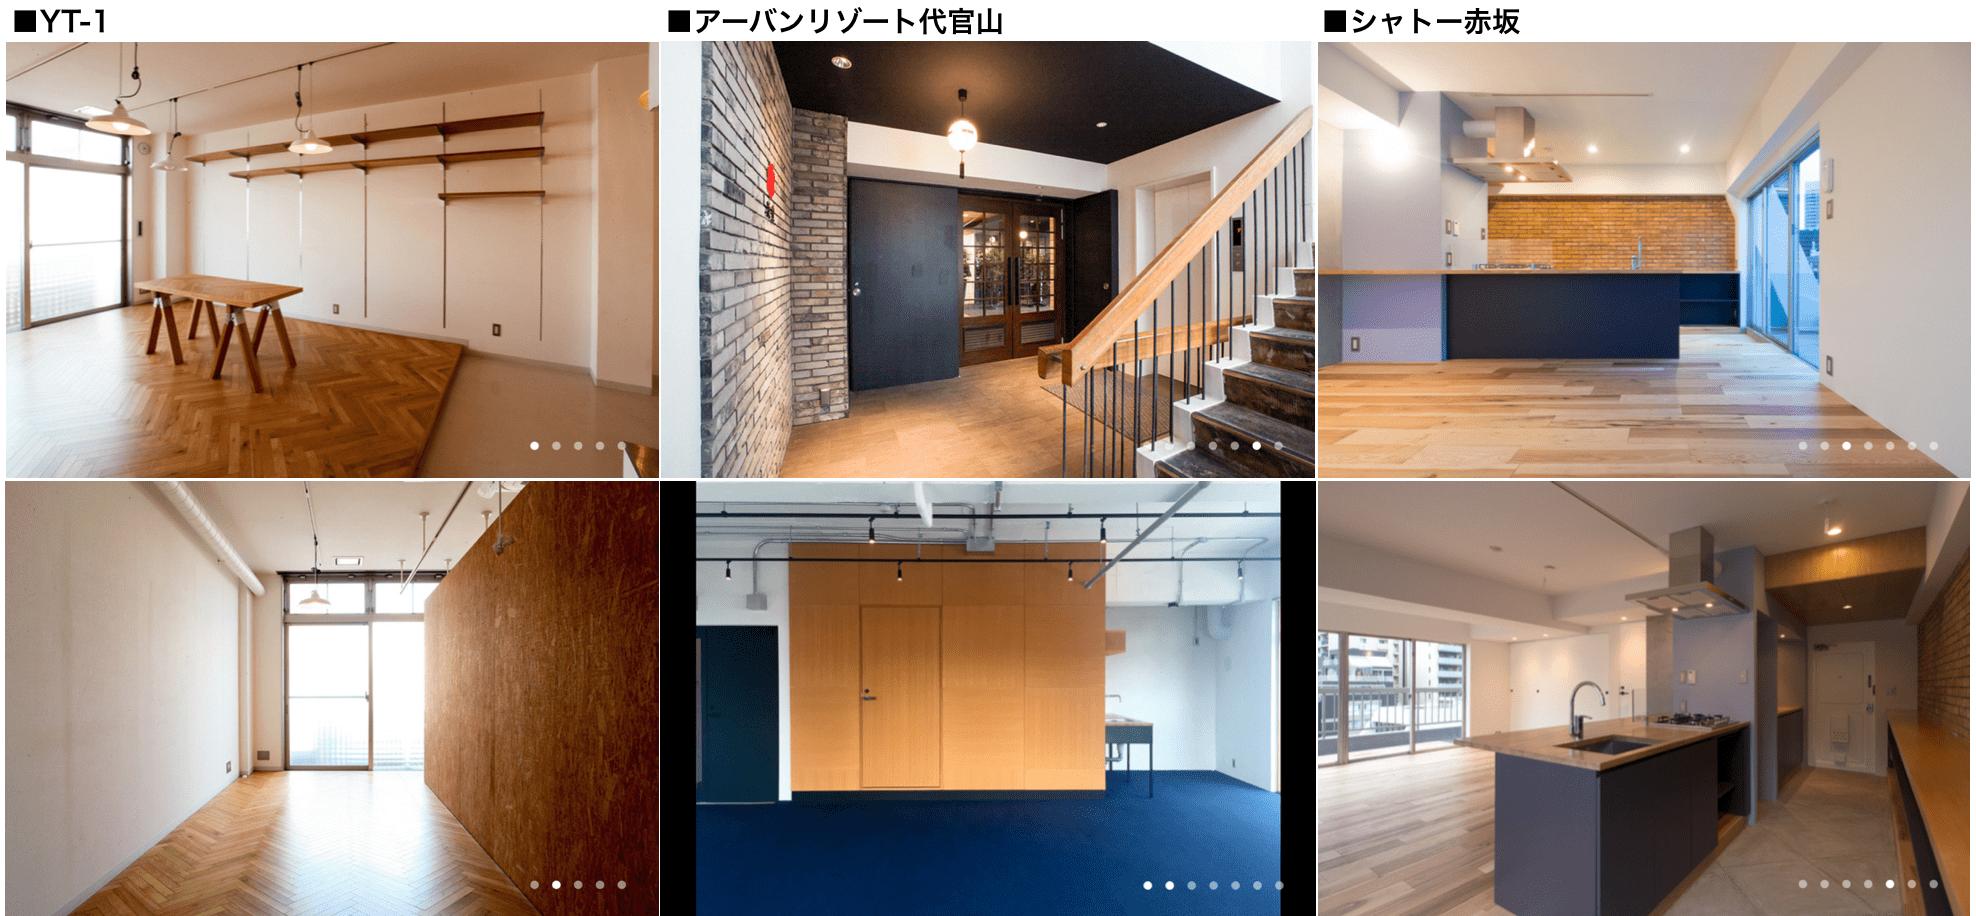 ブルースタジオの内装デザイン